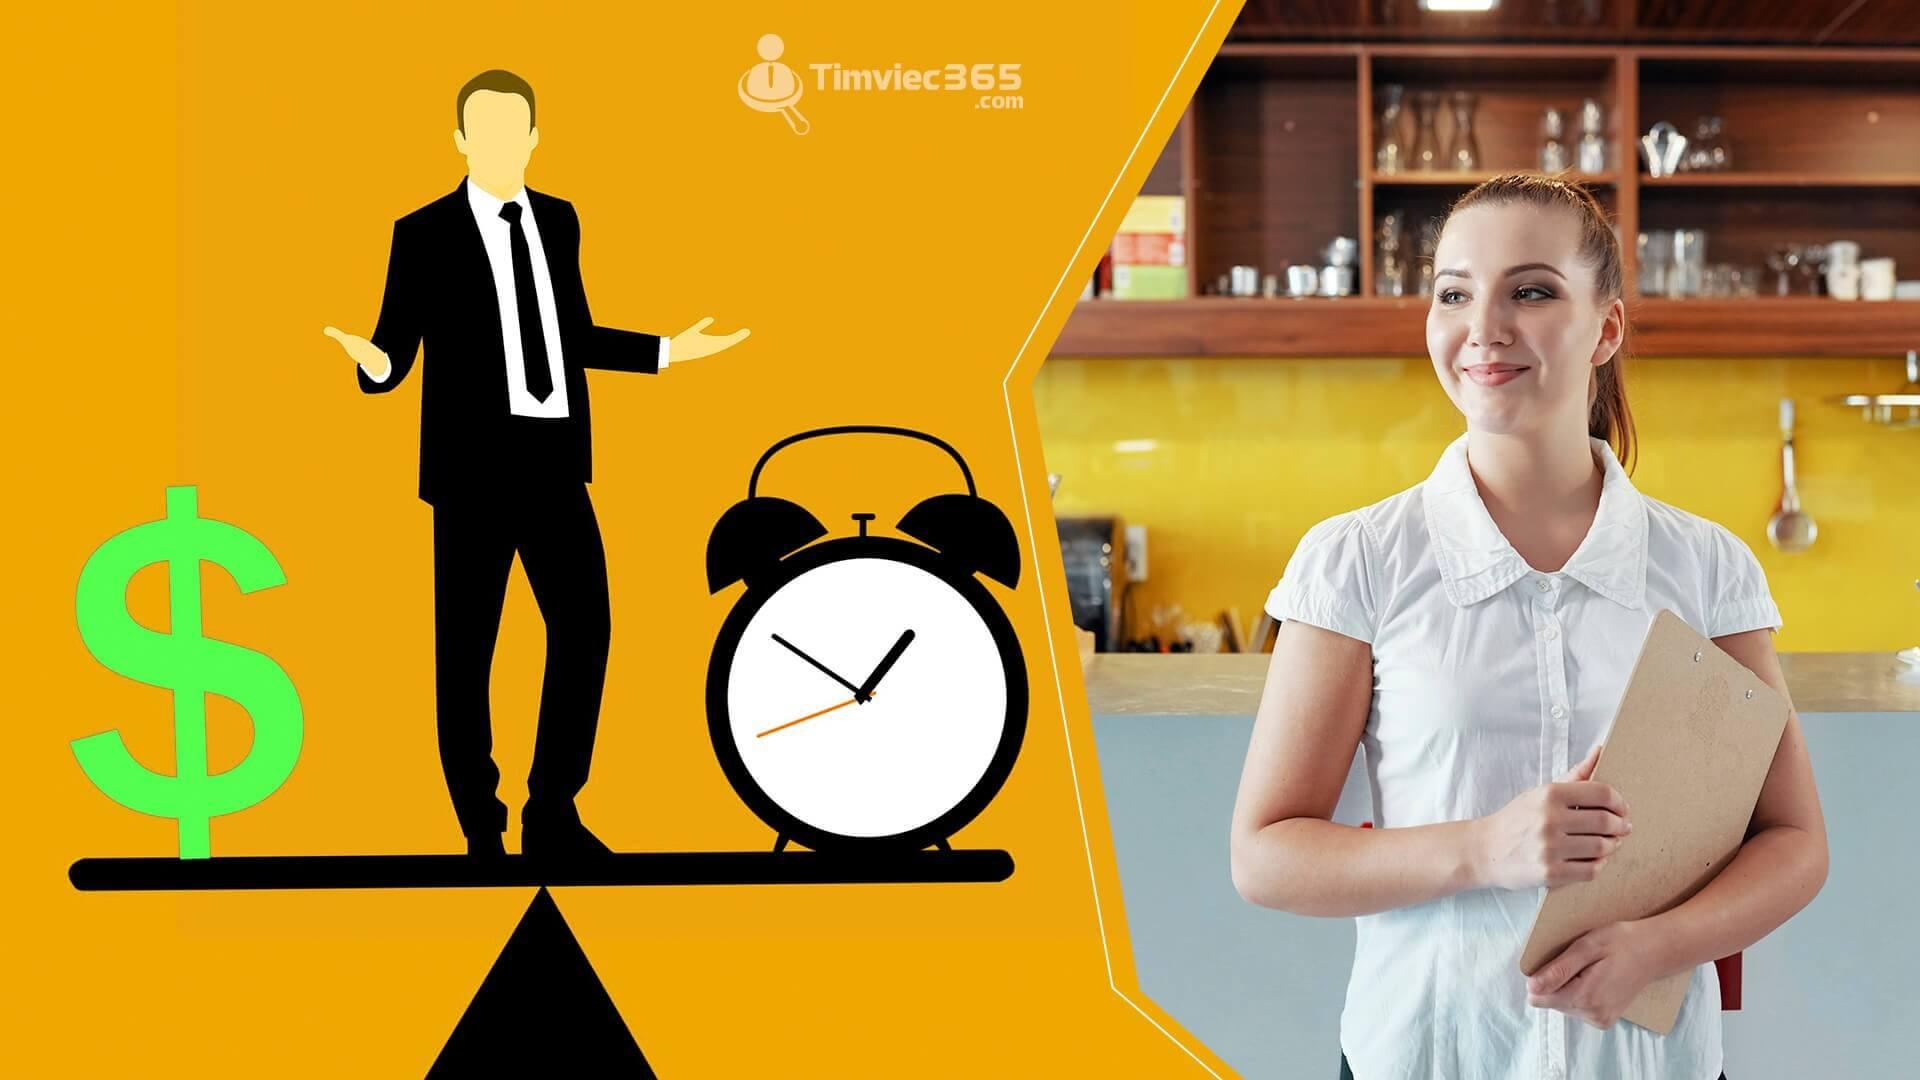 Giới thiệu [Top] Phần mềm lập kế hoạch cá nhân hiệu quả và dễ sử dụng